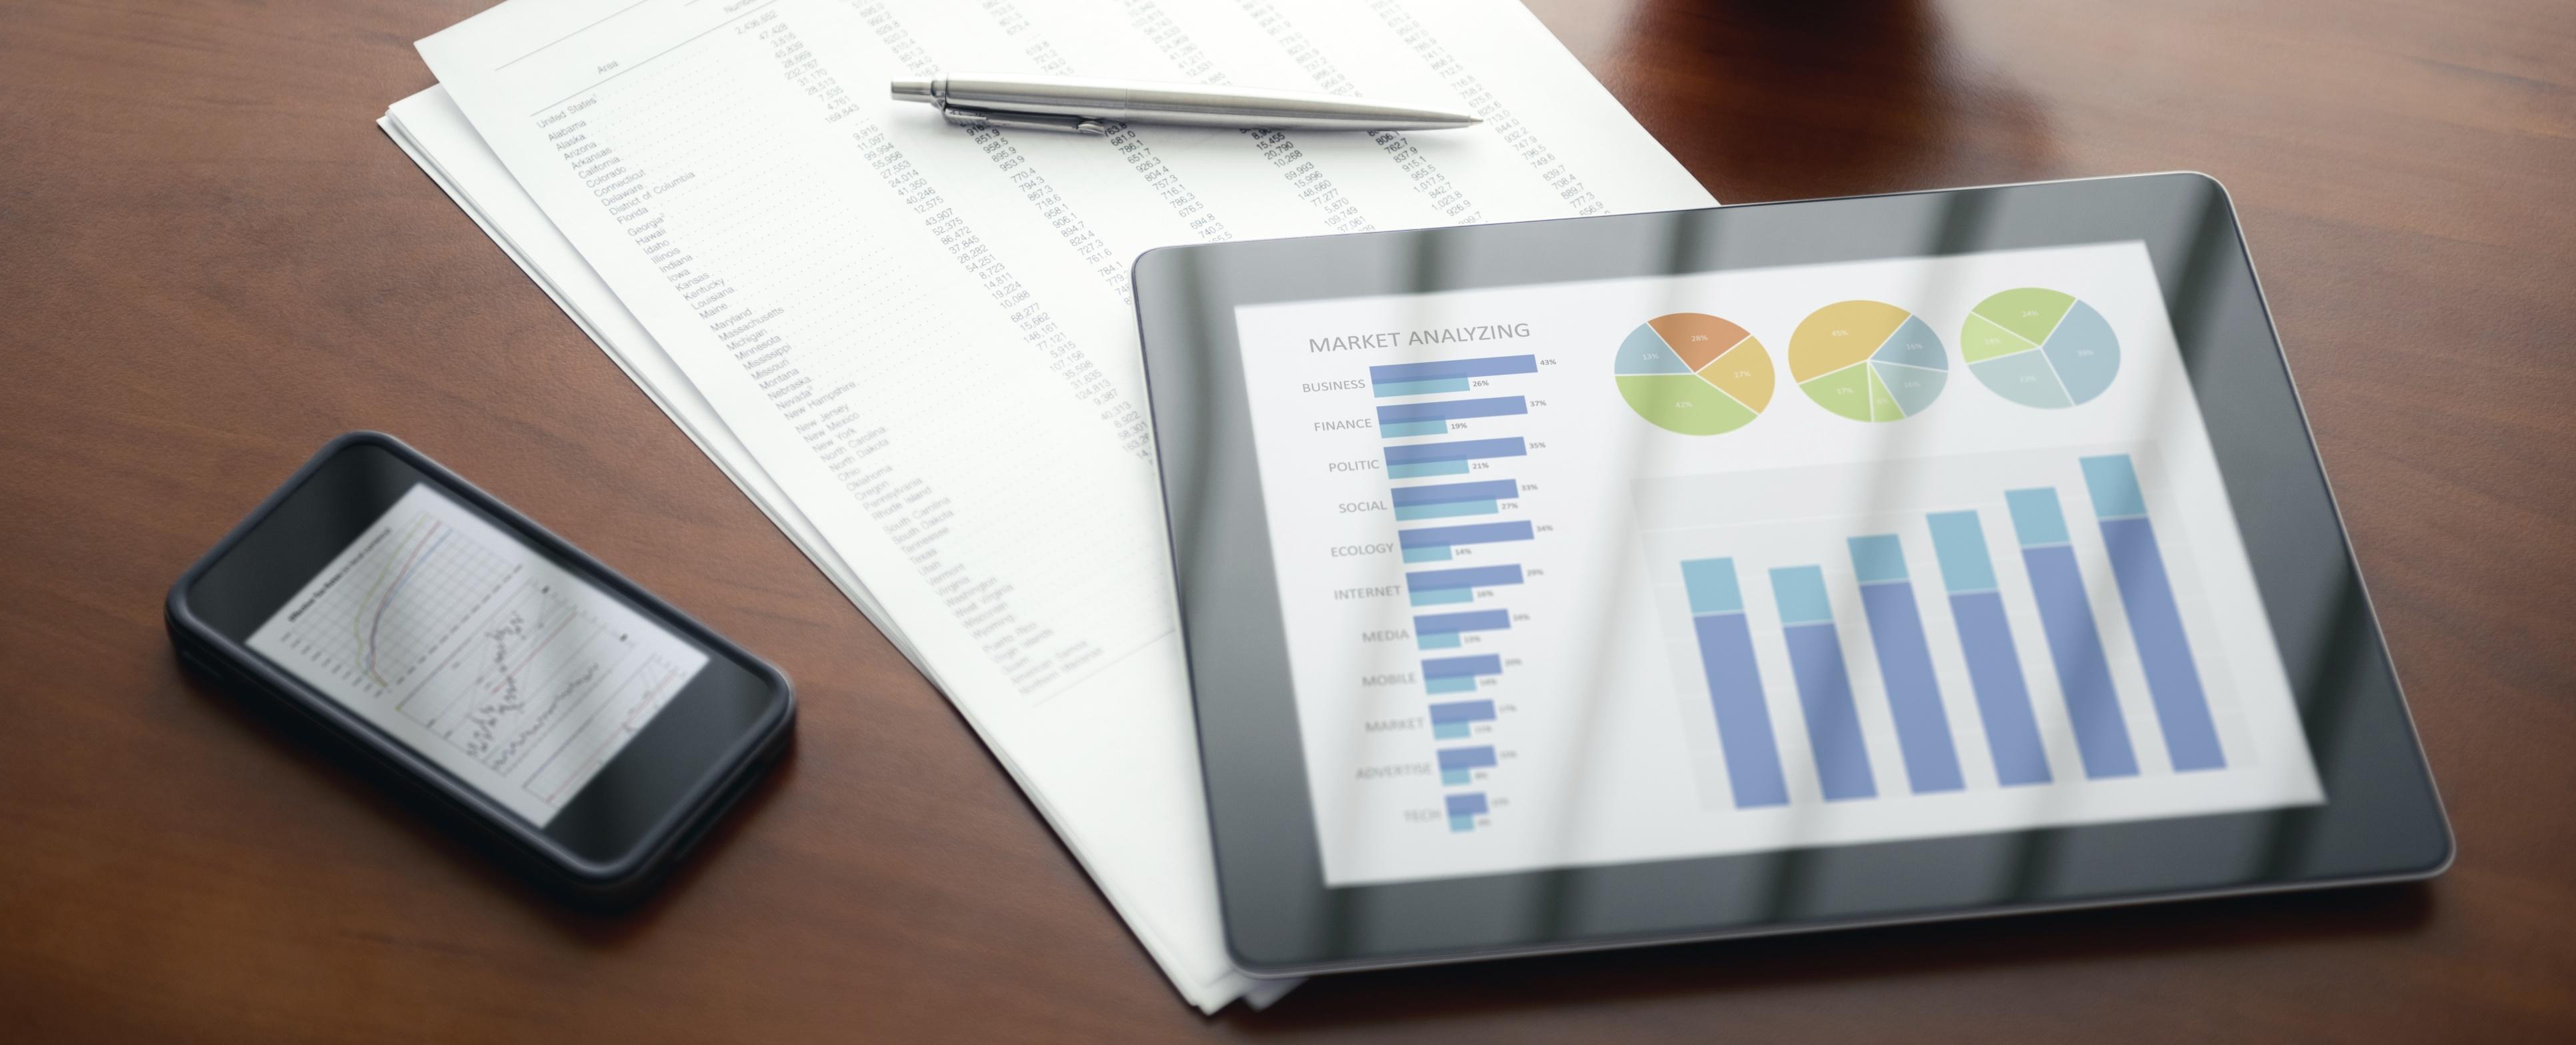 [Ebook Gratis] Fórmulas de Excel que debes aprender como marketer